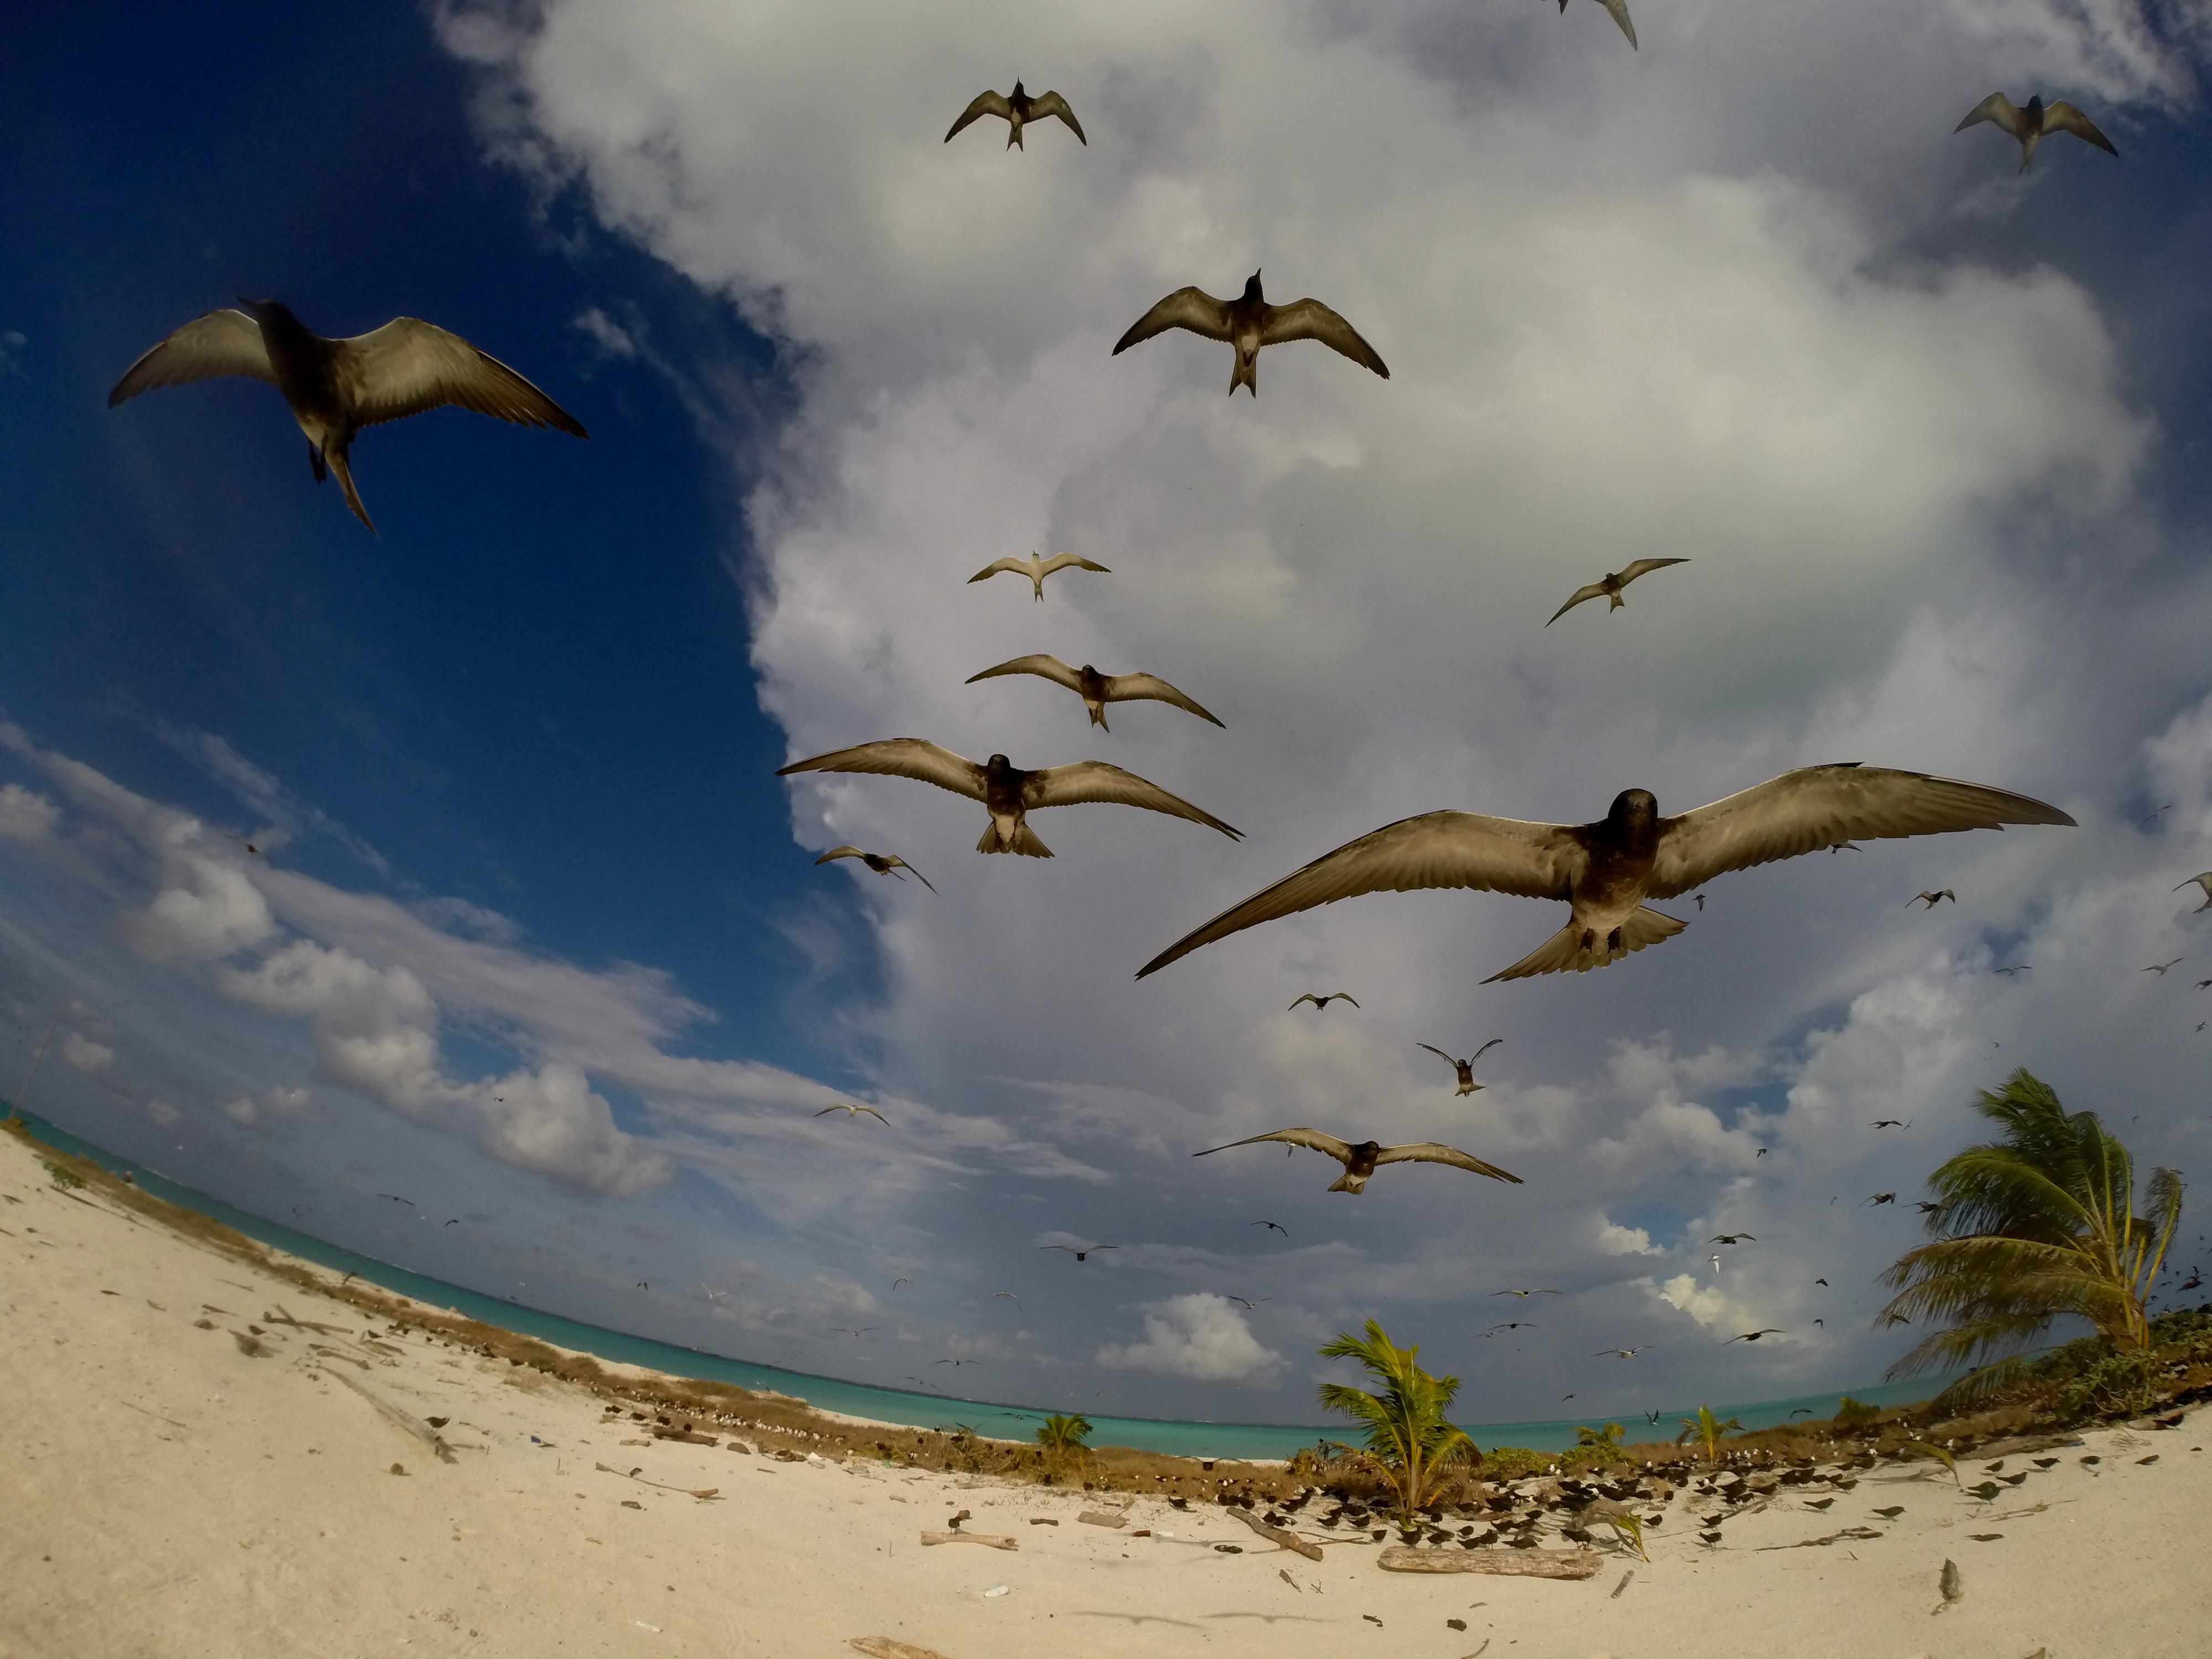 הרצאות מסע - אי הציפורים